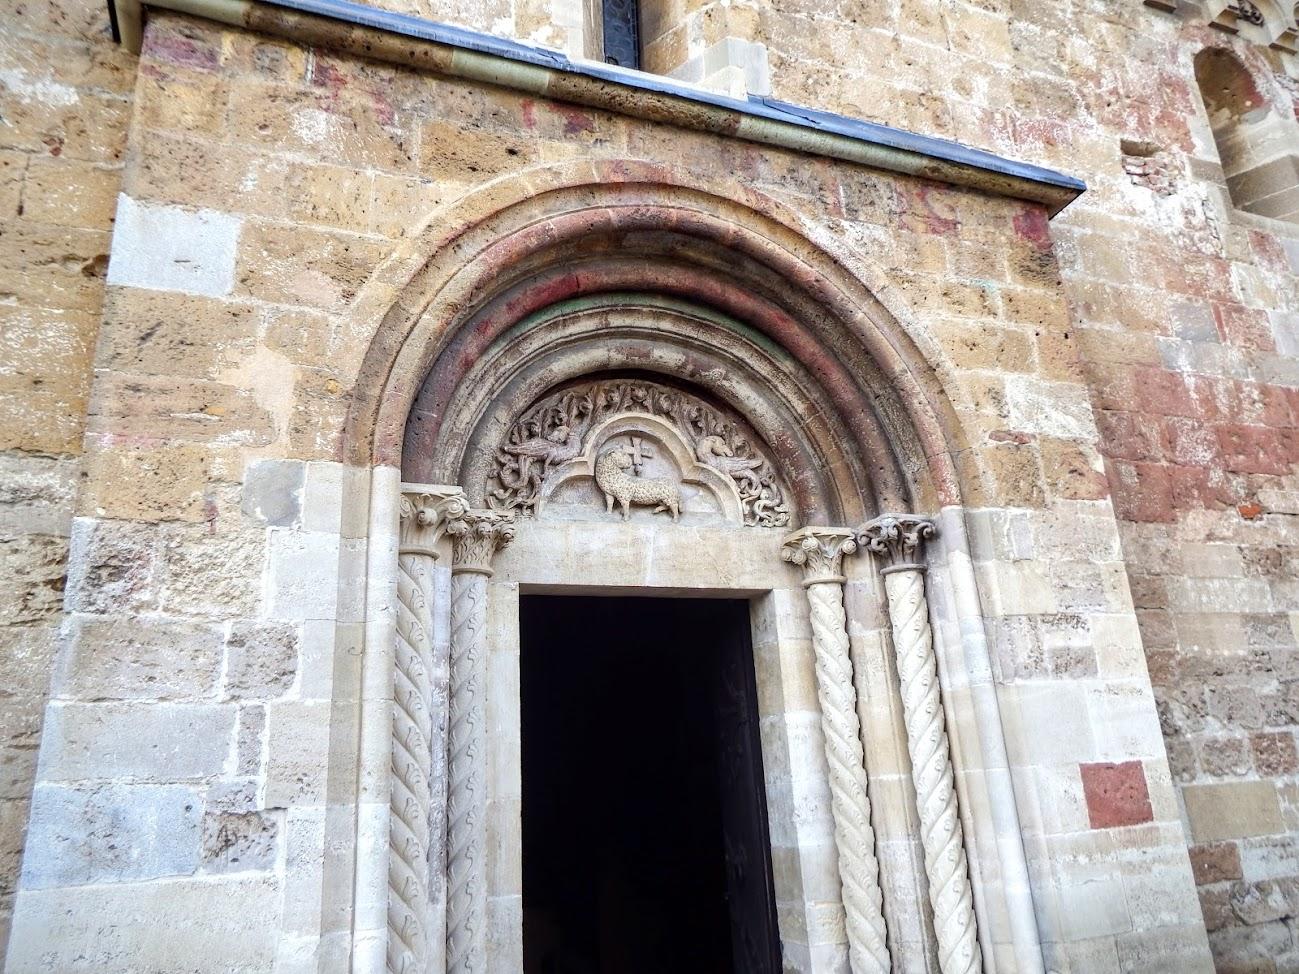 Ják - Szent György Apátsági templom